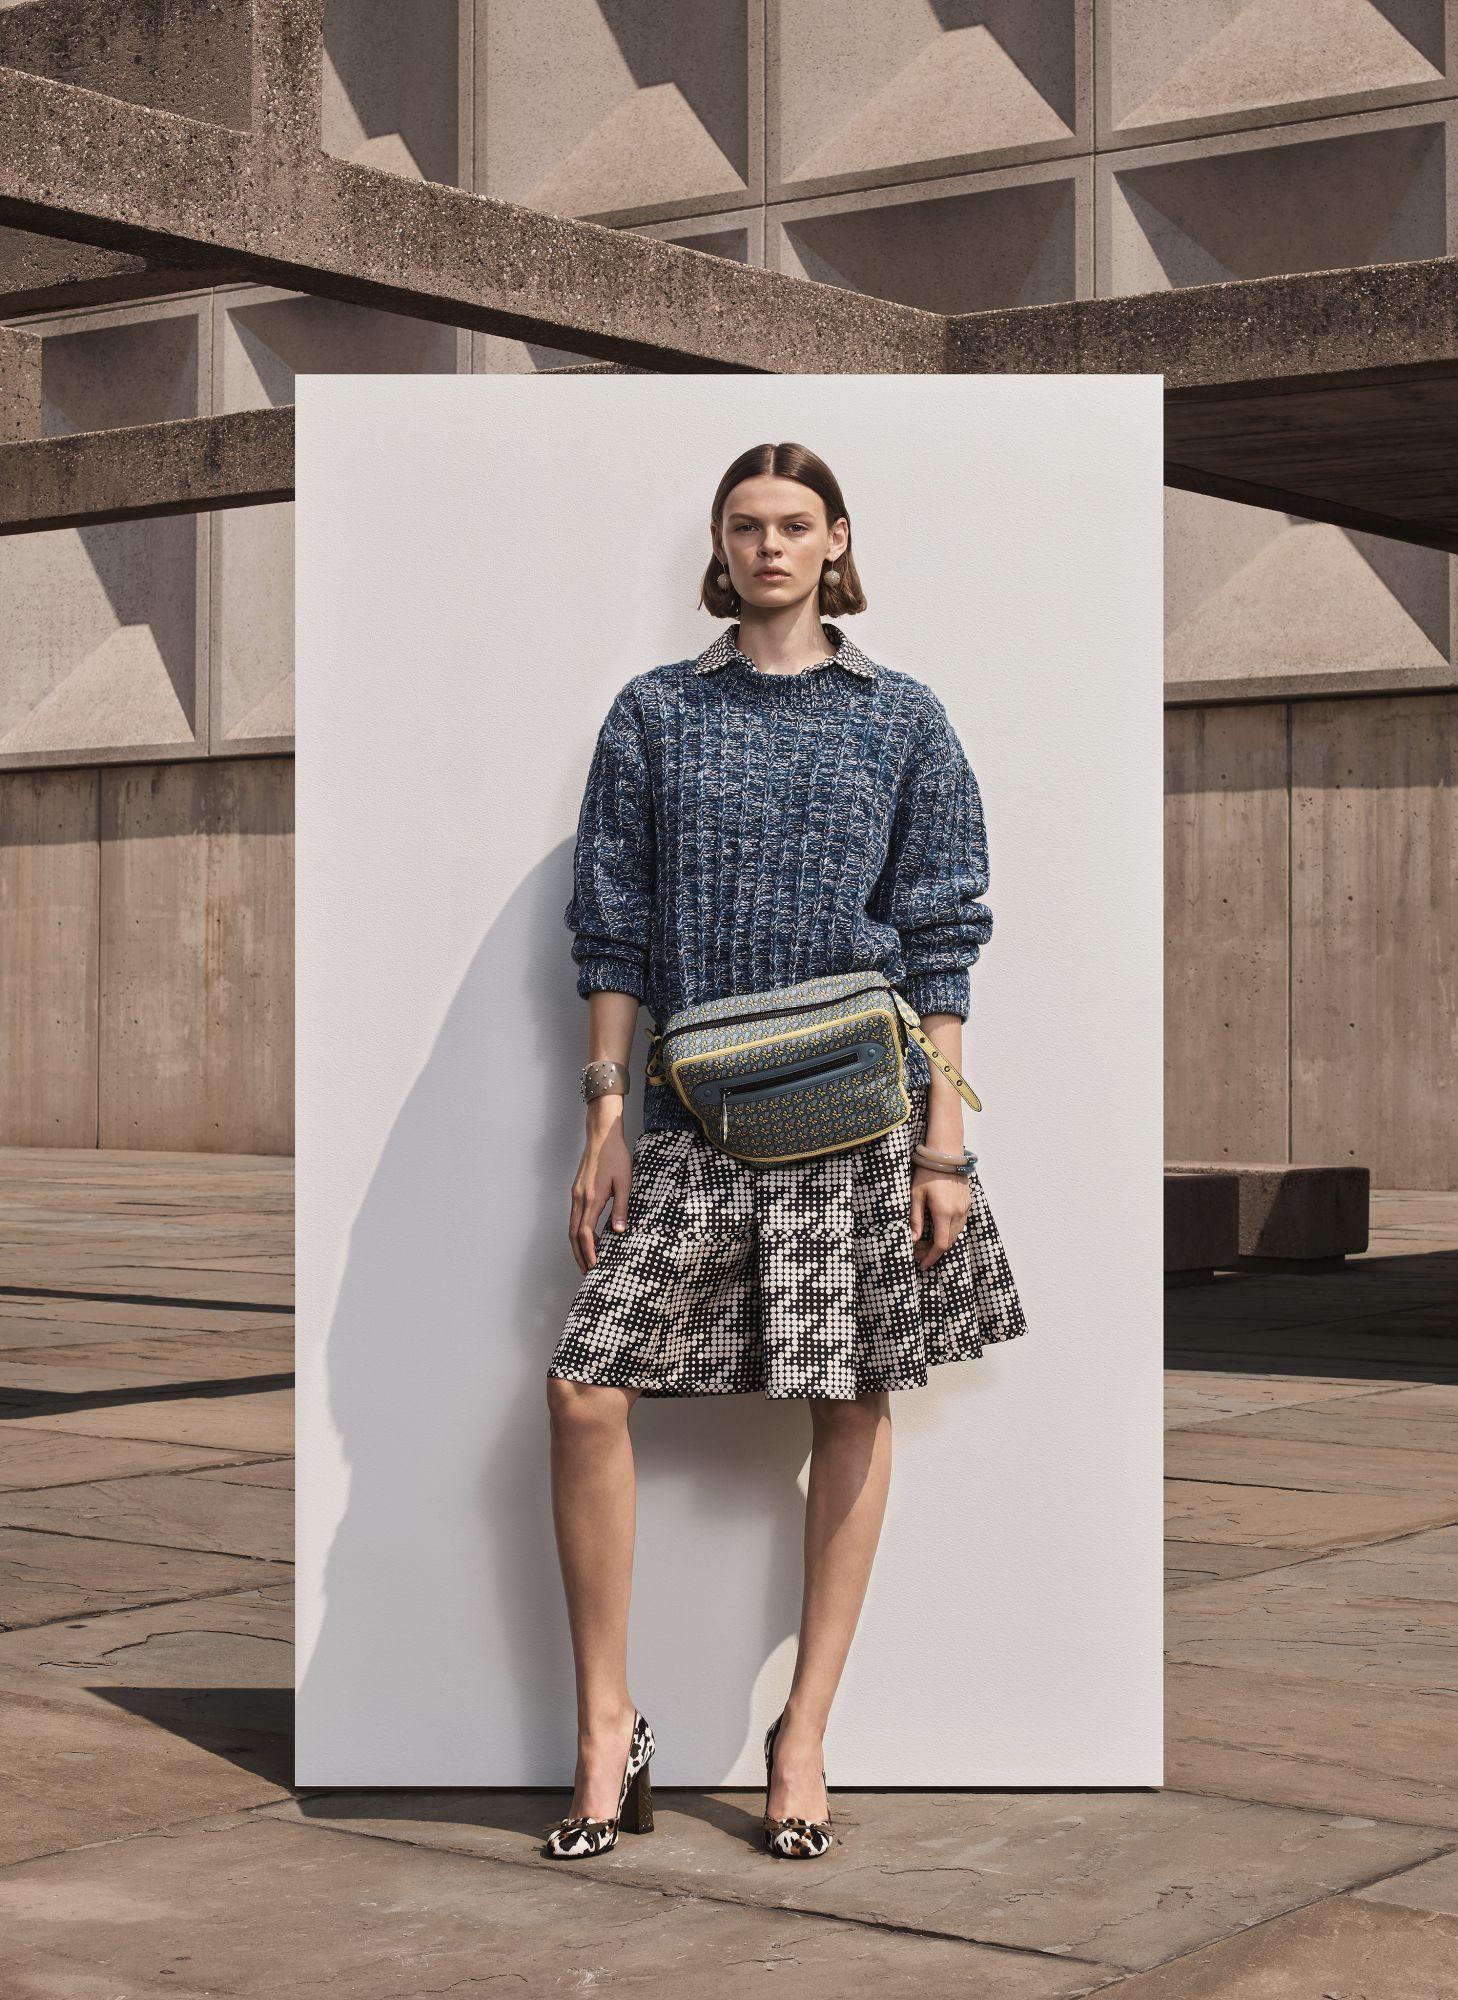 Bottega Veneta Opts Out Of Milan Fashion Week In September